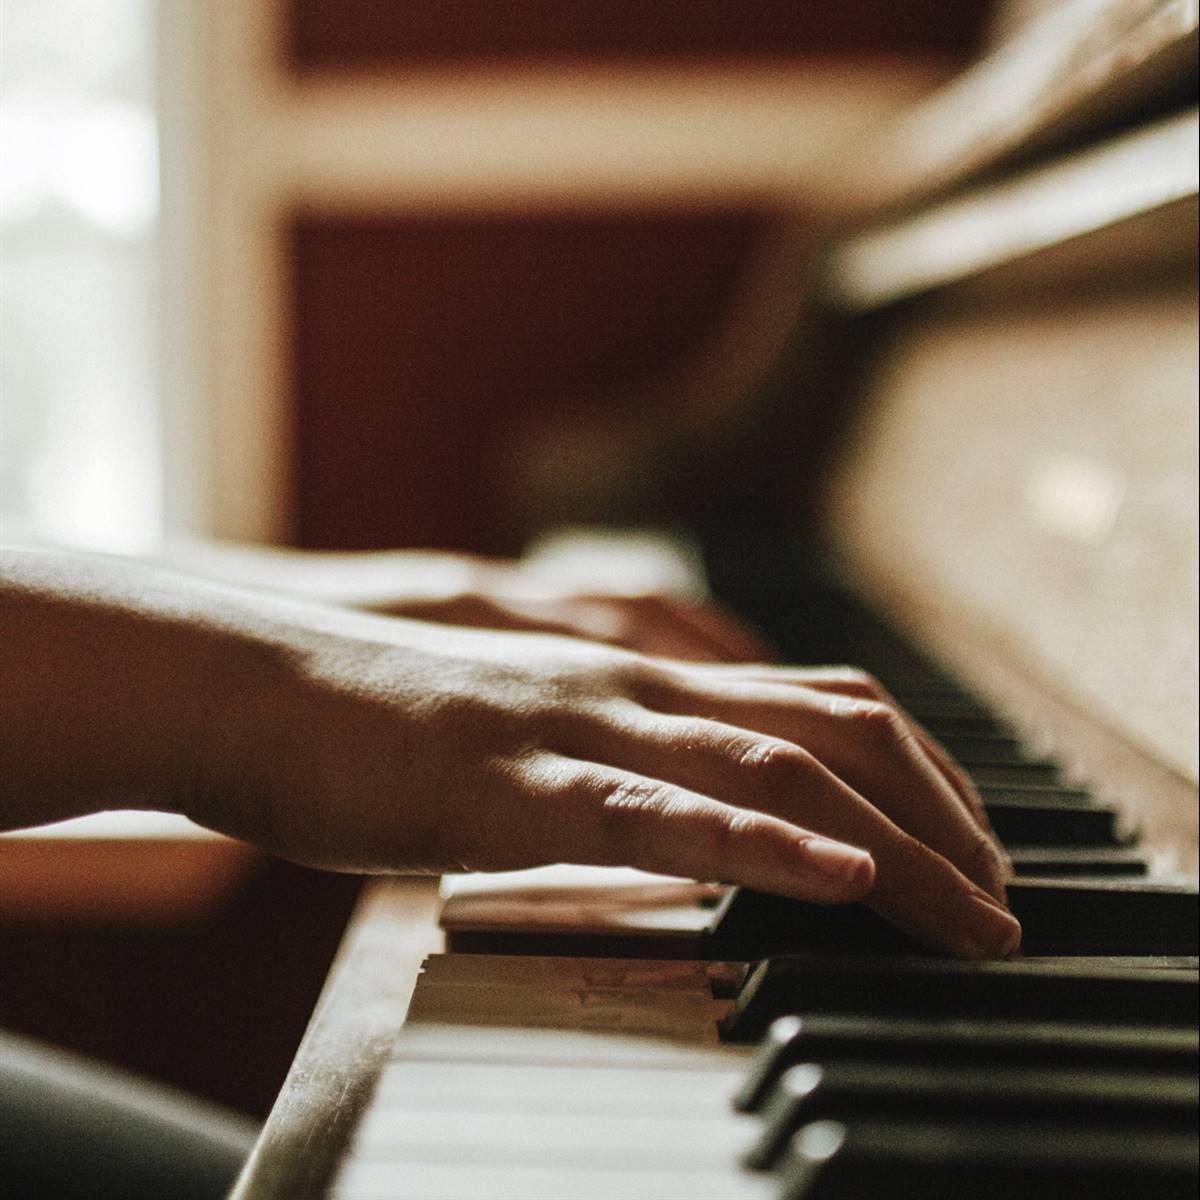 La música te ayuda a conectar y a ser tú mismo